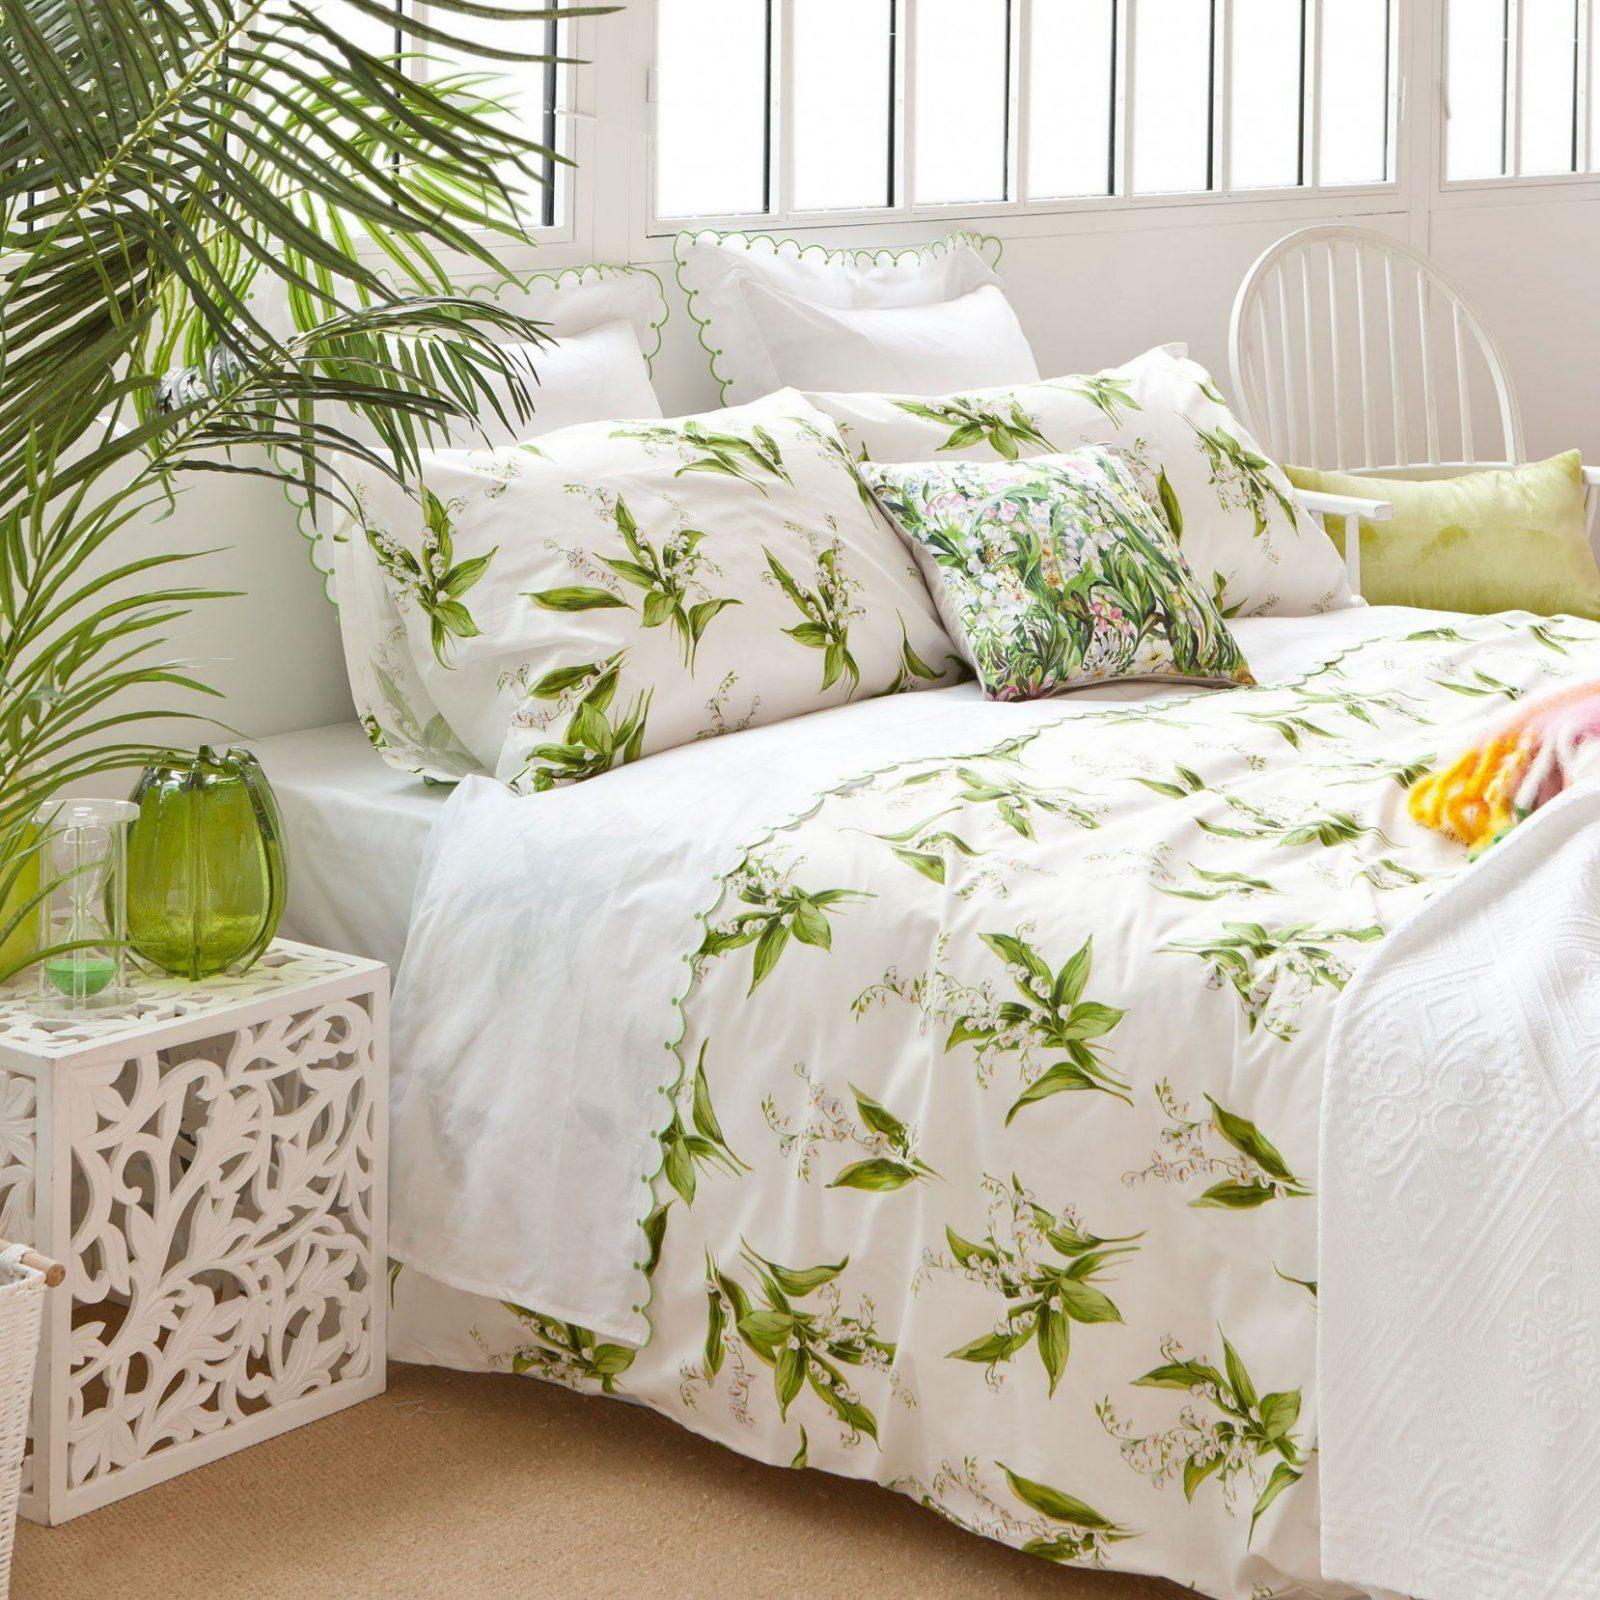 Bettwäsche Mit Blumenprint  Bettwäsche  Schlafen  Zara Home von Home Ideas Bettwäsche Photo